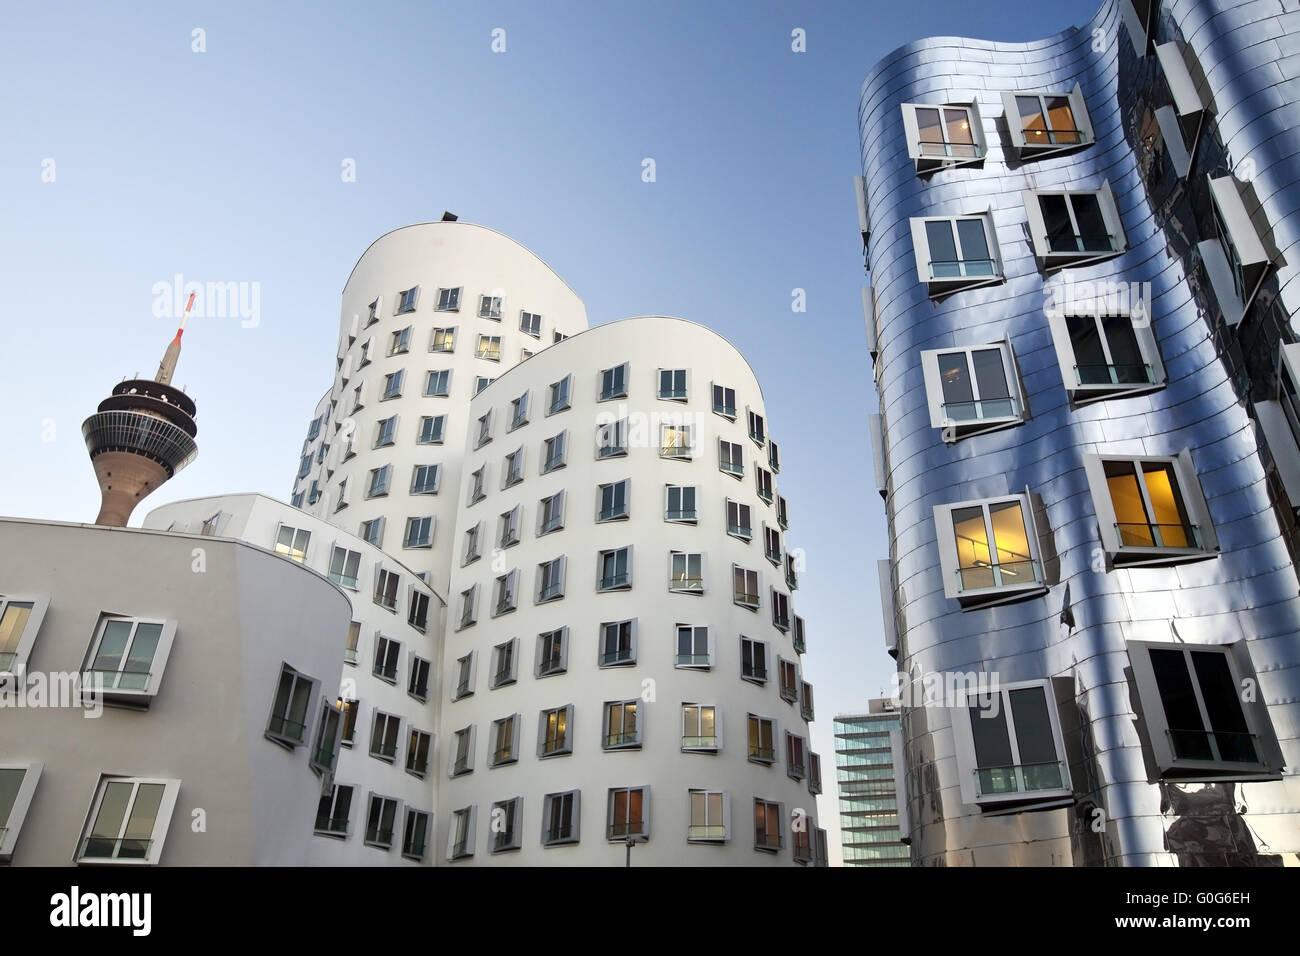 Deux bâtiments Gehry et la Tour du Rhin, Düsseldorf, Rhénanie du Nord-Westphalie, Allemagne, Europe Photo Stock